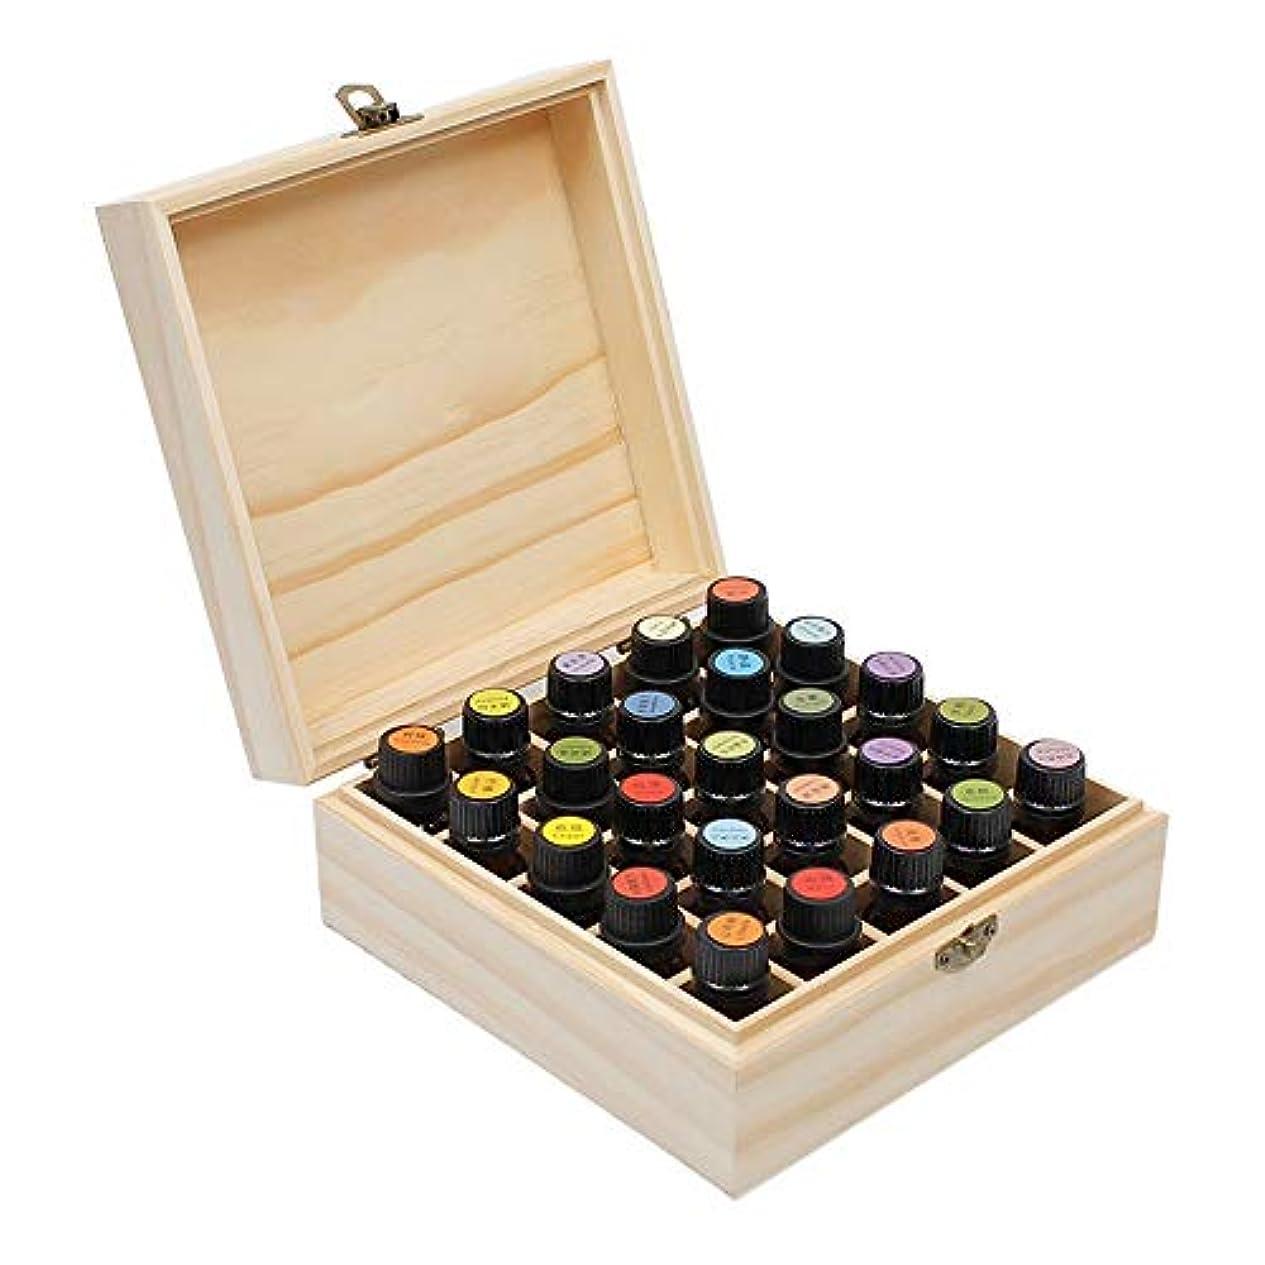 傭兵遠洋の分離25搬送するためのスロットエッセンシャルオイルボックス木製収納ケースとホームストレージの表示 アロマセラピー製品 (色 : Natural, サイズ : 18.3X18.3X8.3CM)